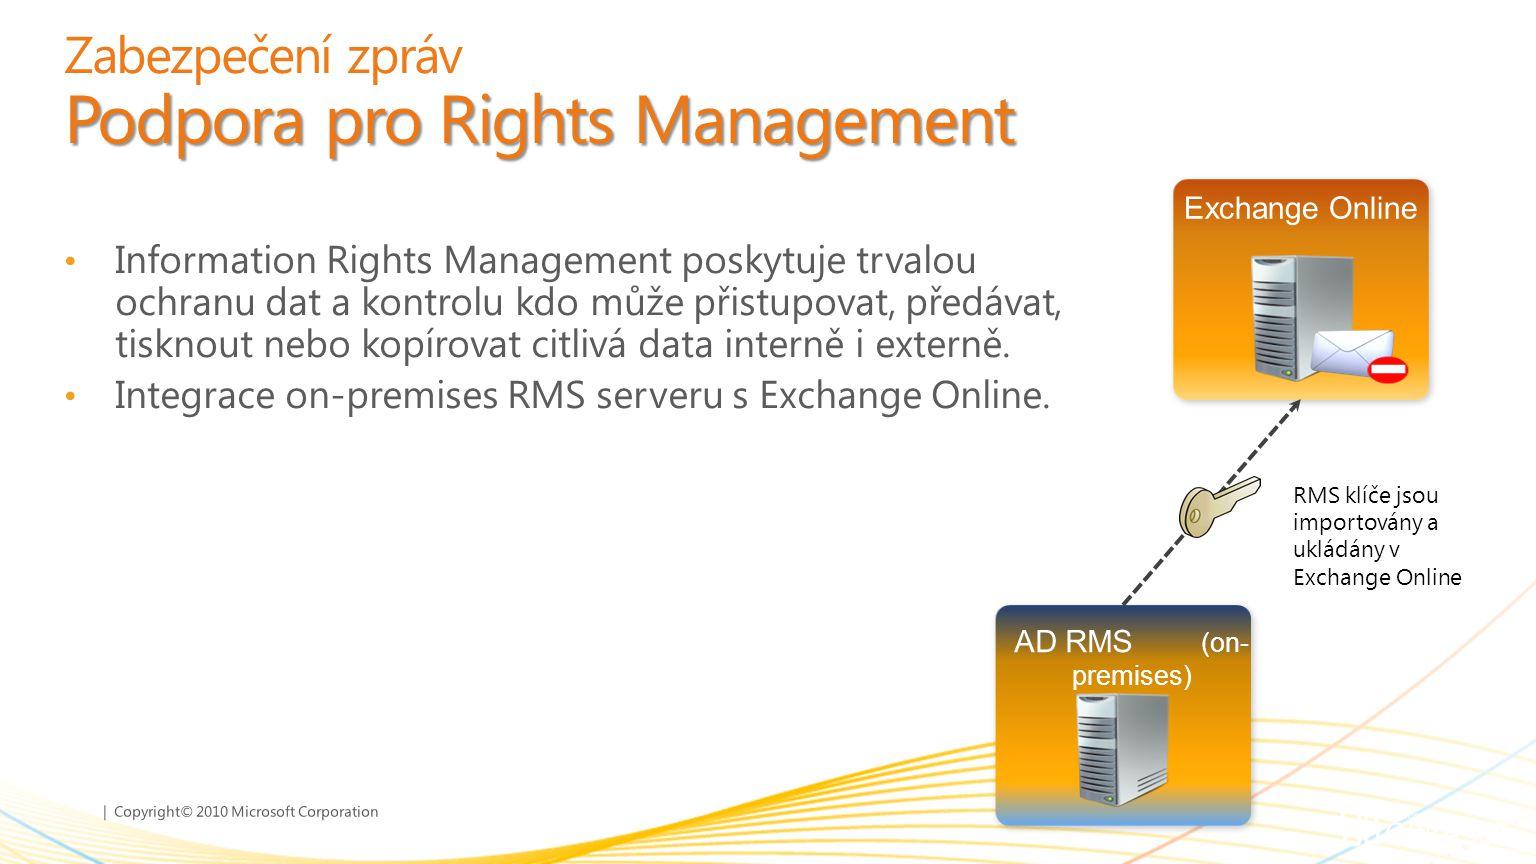 Zabezpečení zpráv Podpora pro Rights Management